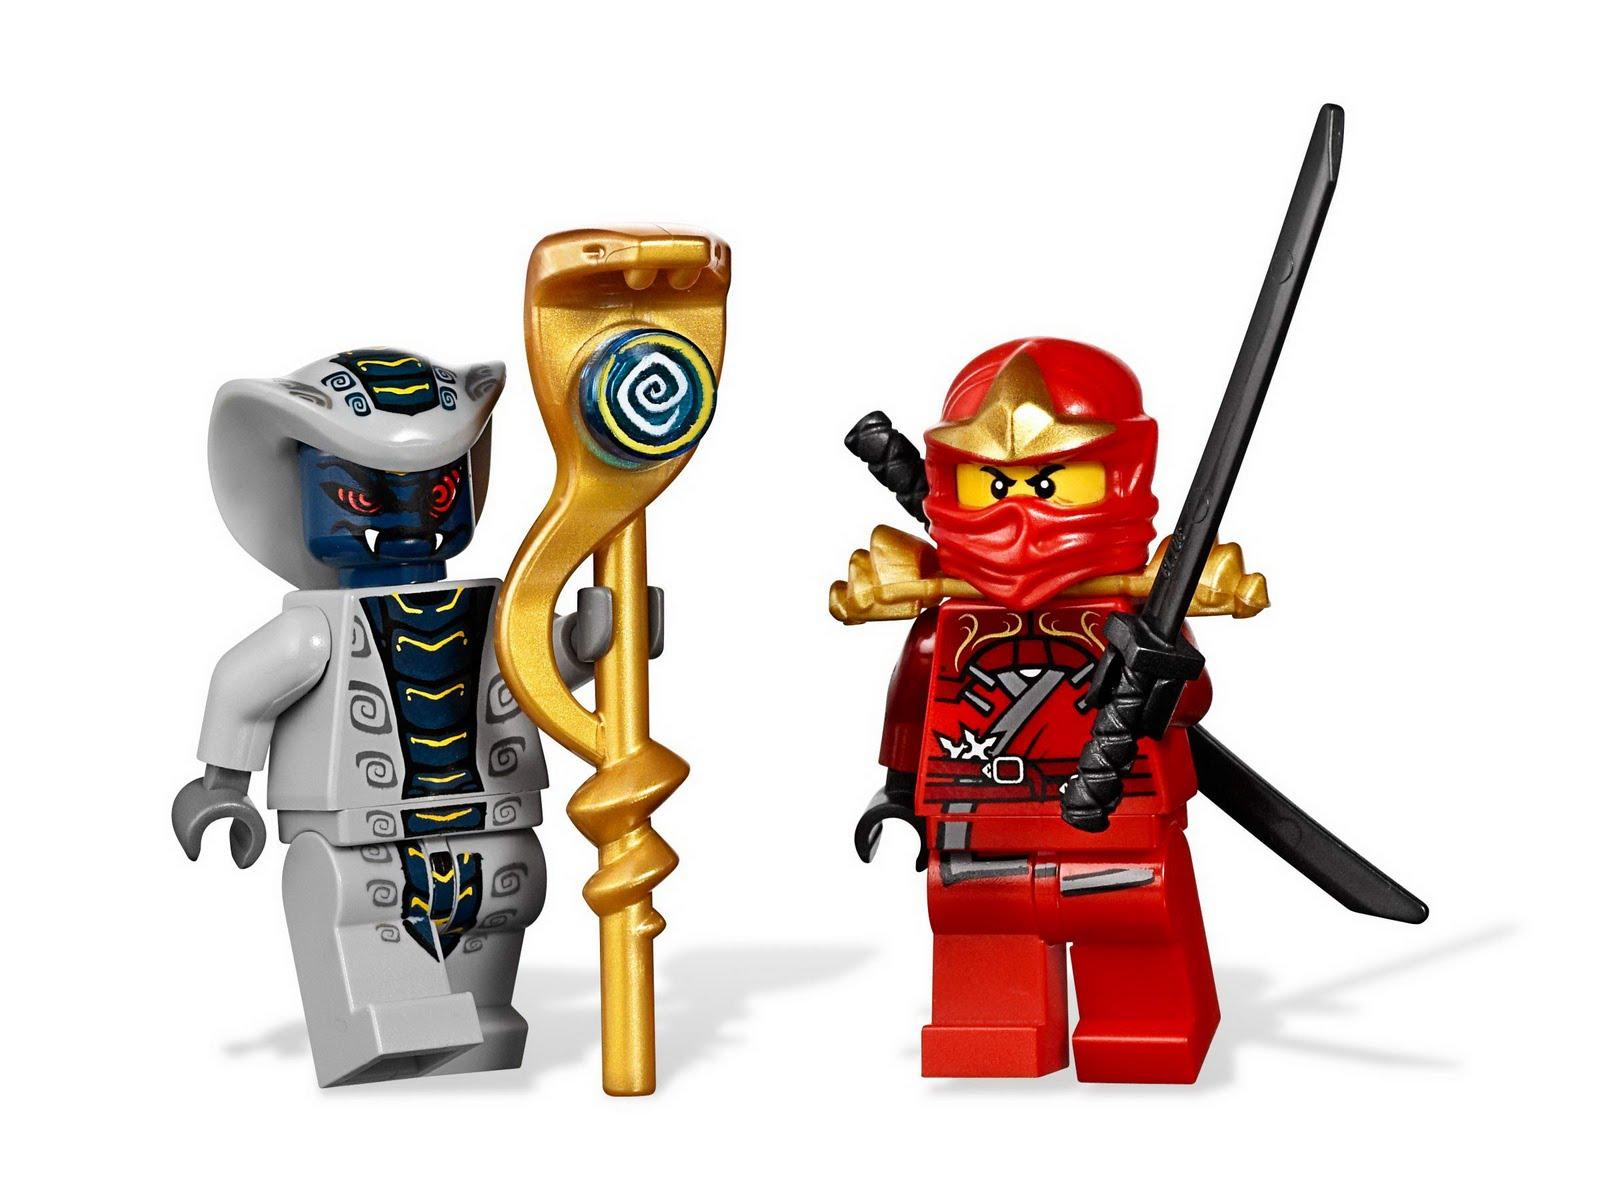 Dessins en couleurs imprimer lego num ro 430132 - Dessin de ninjago a imprimer ...